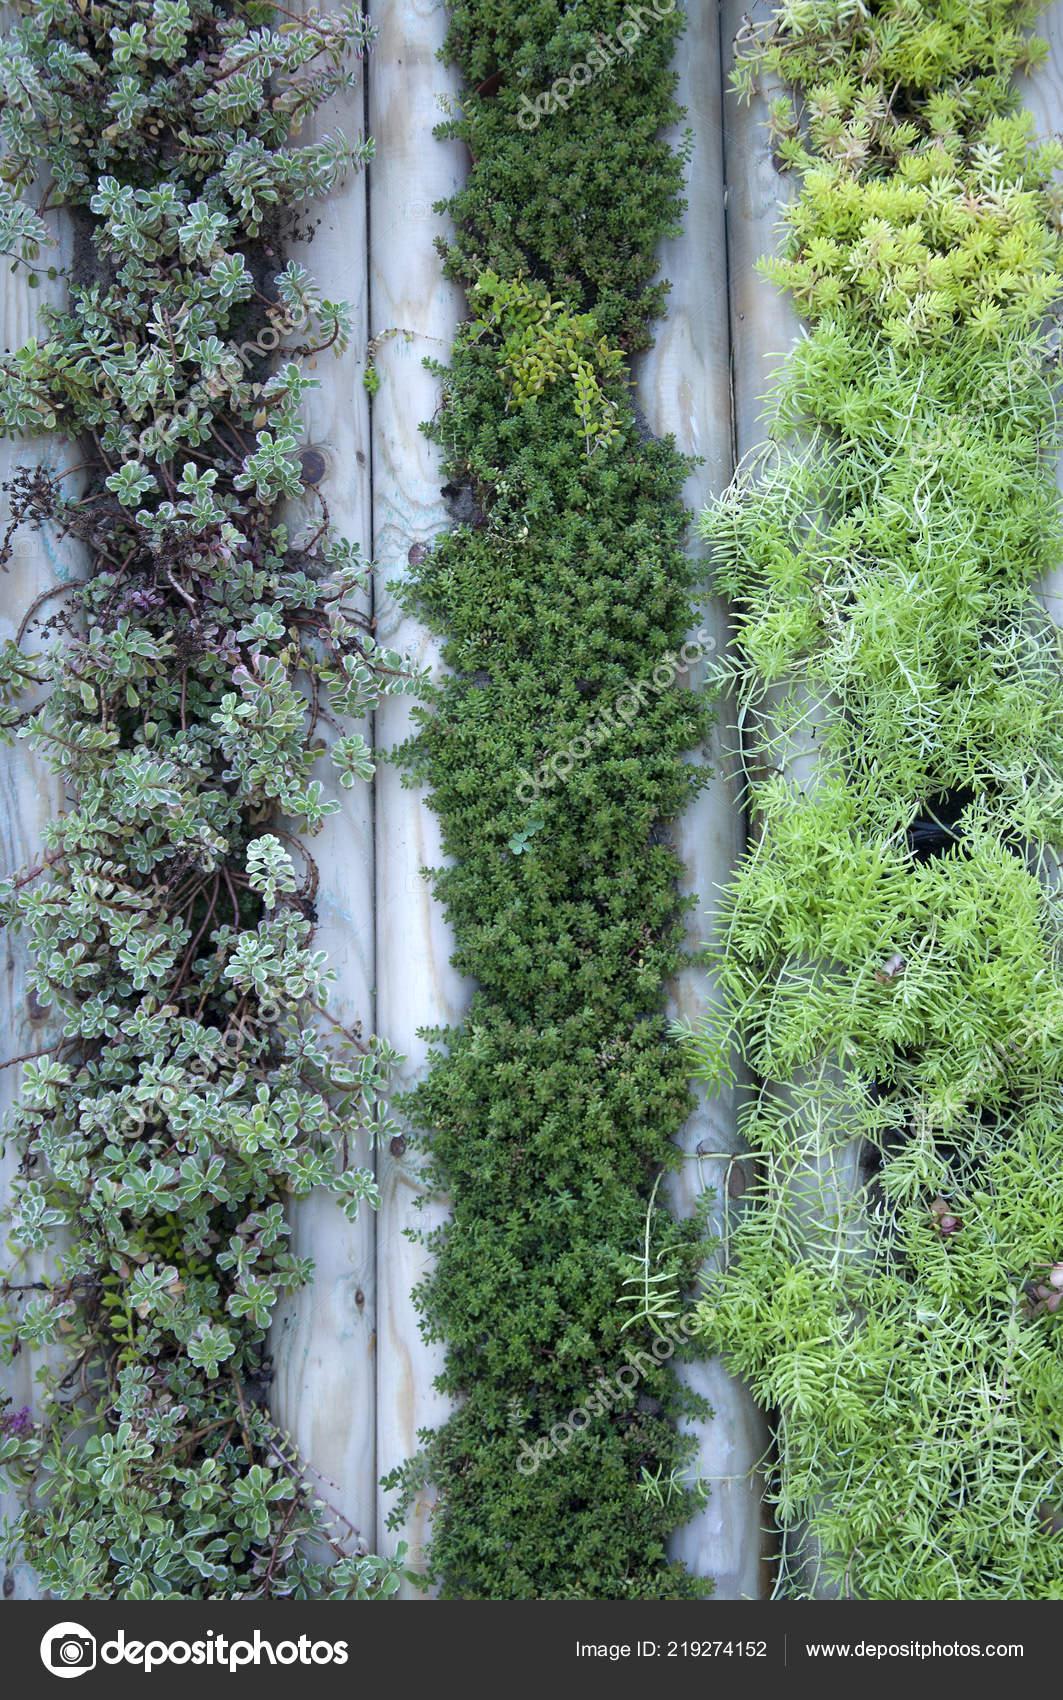 Wand Der Pflanzen Garten Schöne Dekor Stockfoto Romikmk 219274152